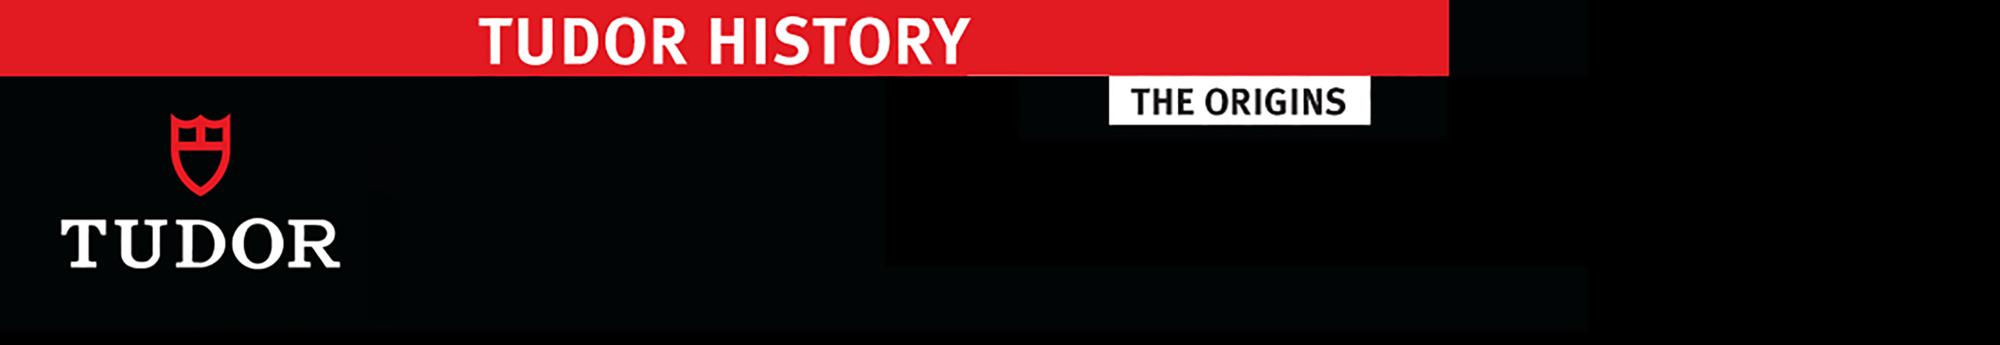 Tudor: The History